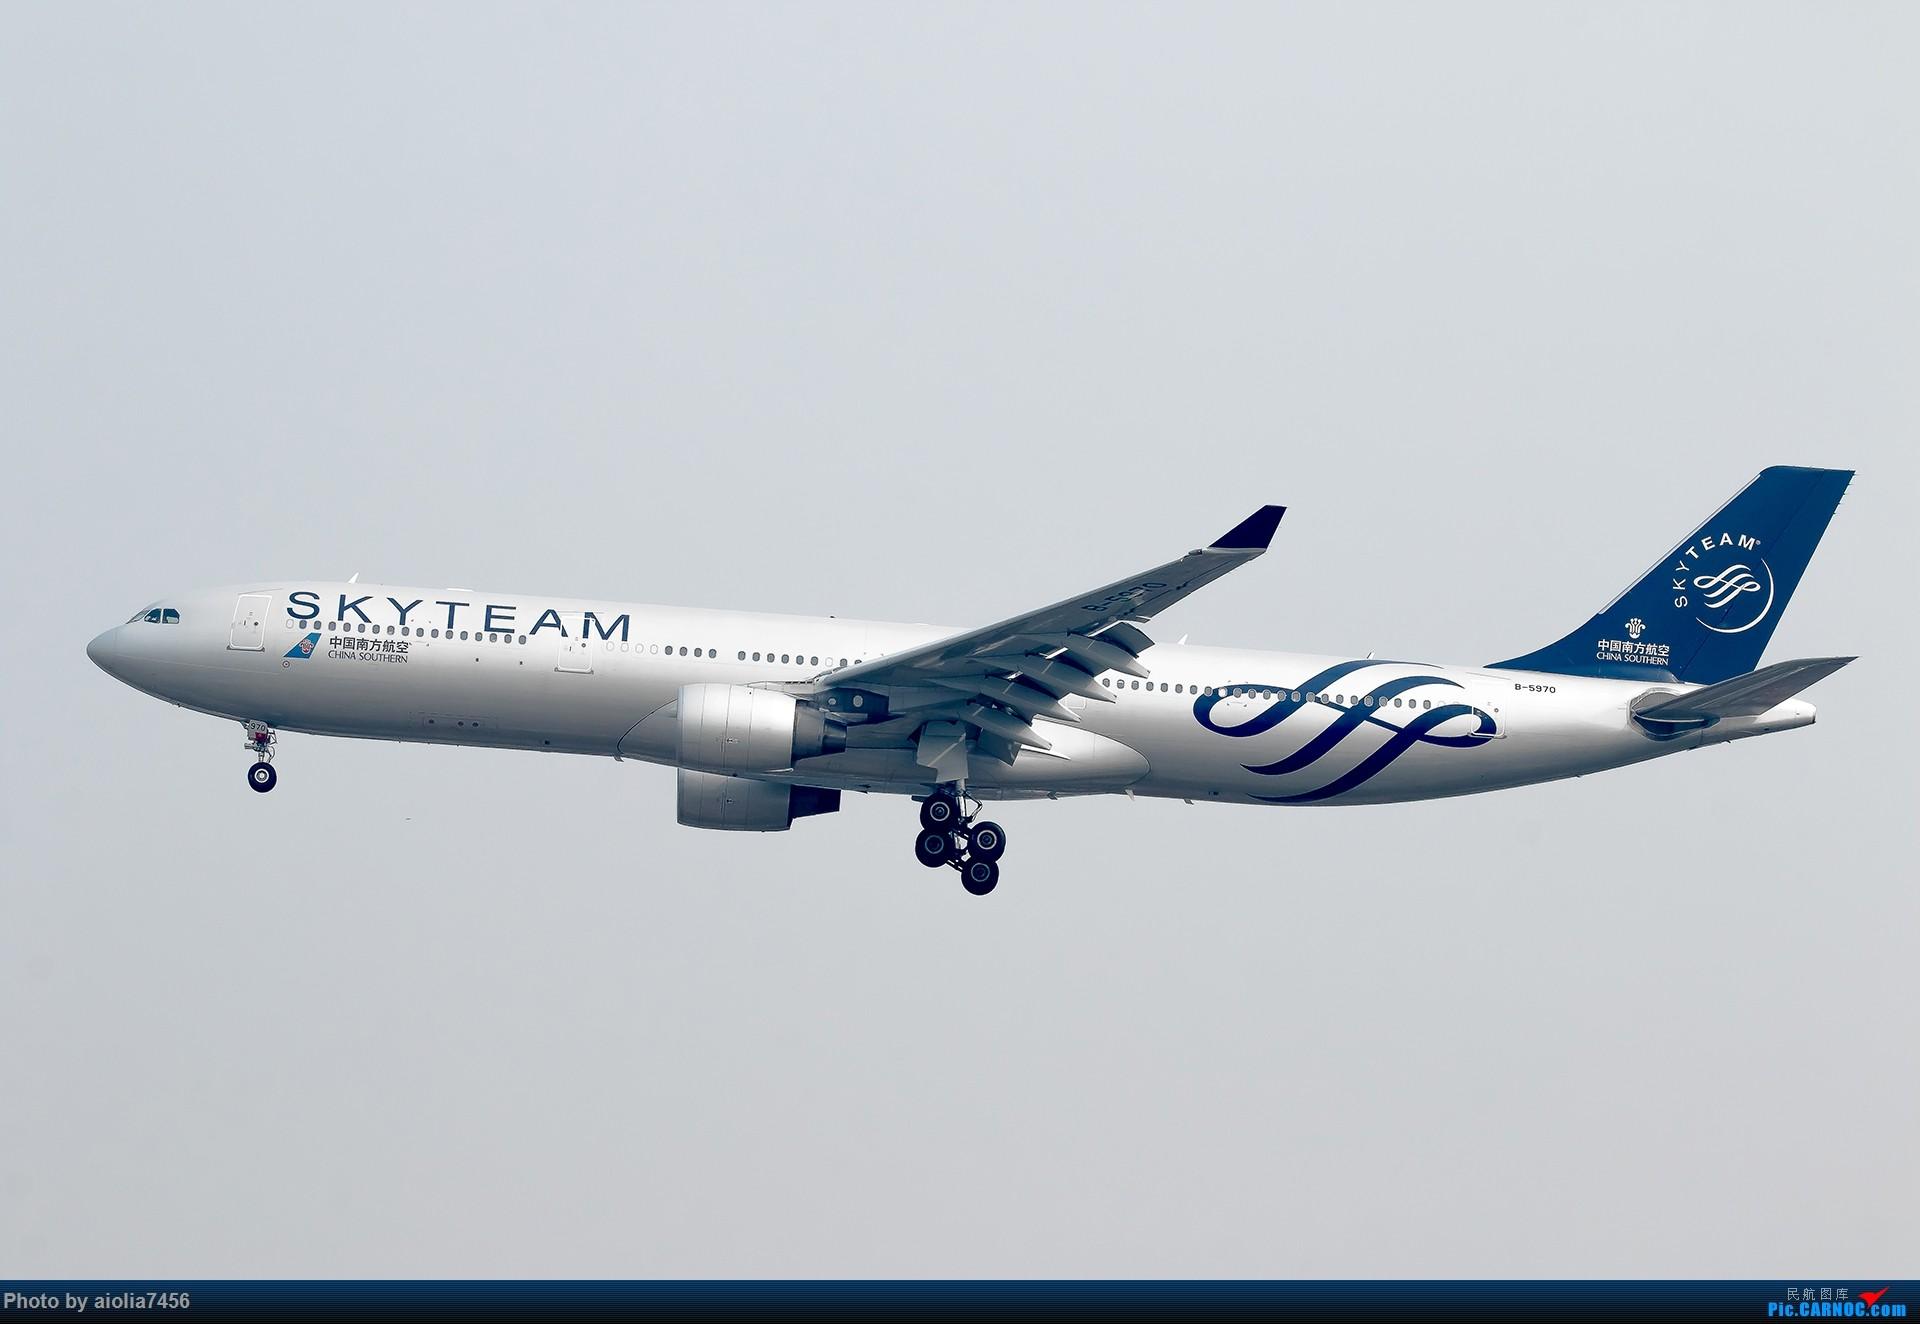 Re:[原创][霸都打机队]摸摸怀中的7D2,好宝宝,跟了新的主人你要乖乖听话哦,离开我之前,我带你逛一圈ZSSS,最后一次陪我看看那些我们不怎么看得到的宽体吧。 AIRBUS A330-300 B-5970 中国上海虹桥国际机场